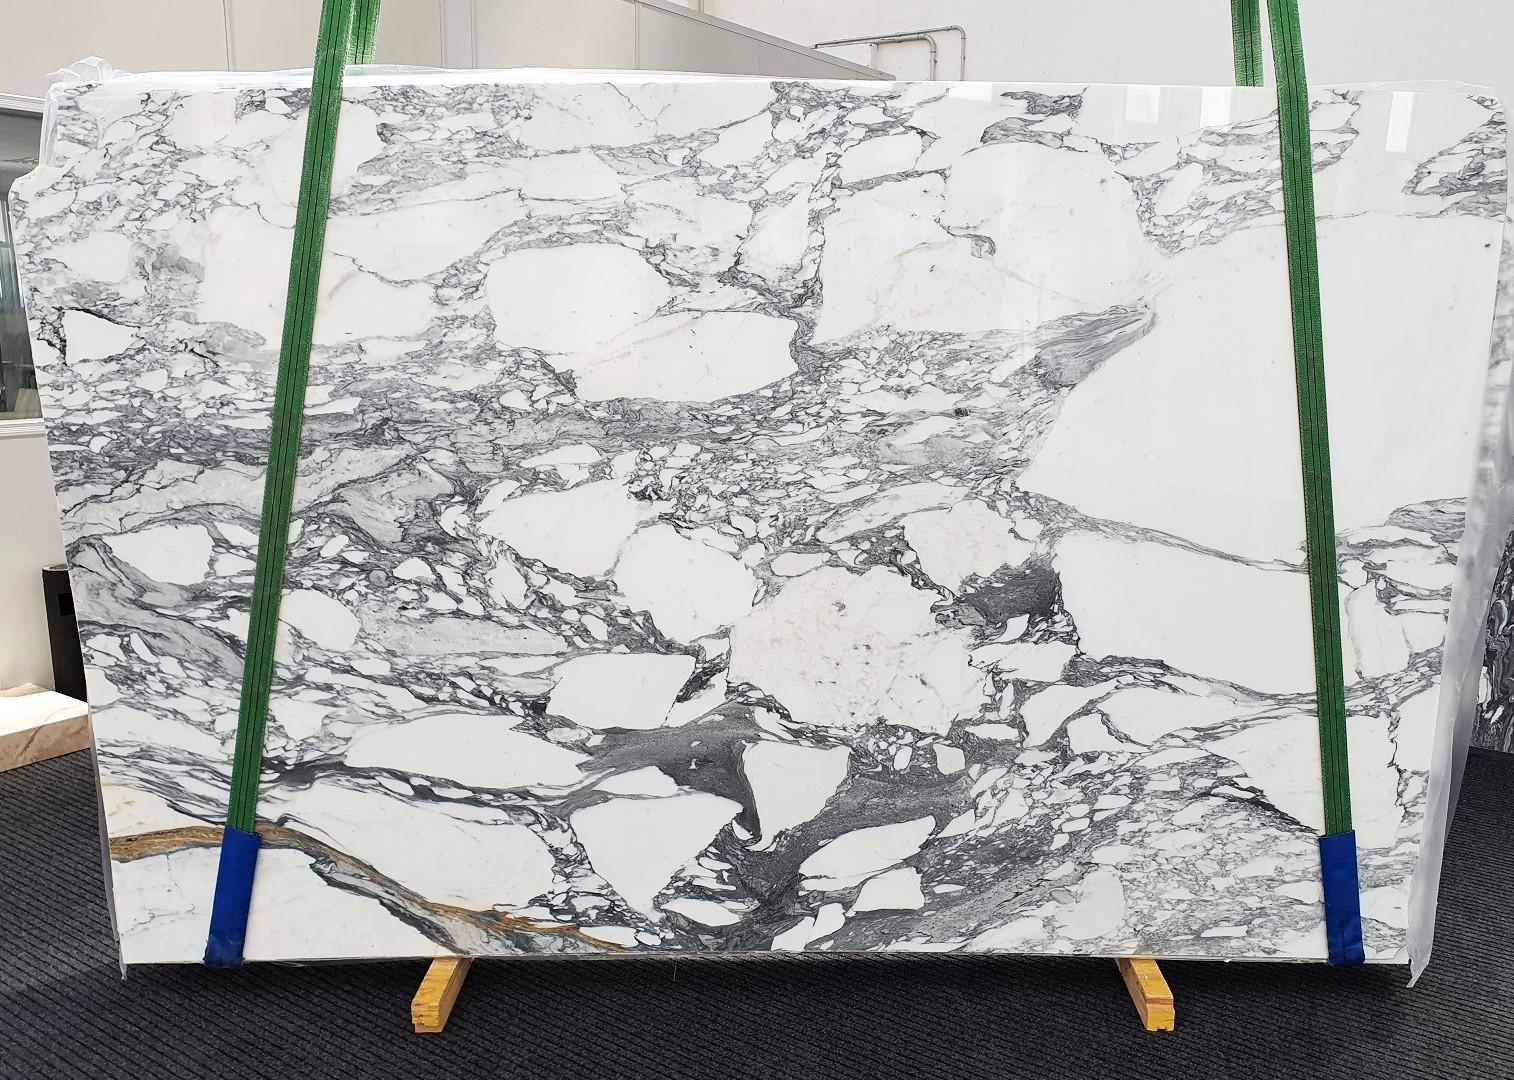 ARABESCATO CORCHIA Suministro Veneto (Italia) de planchas pulidas en mármol natural 1433 , Slab #09